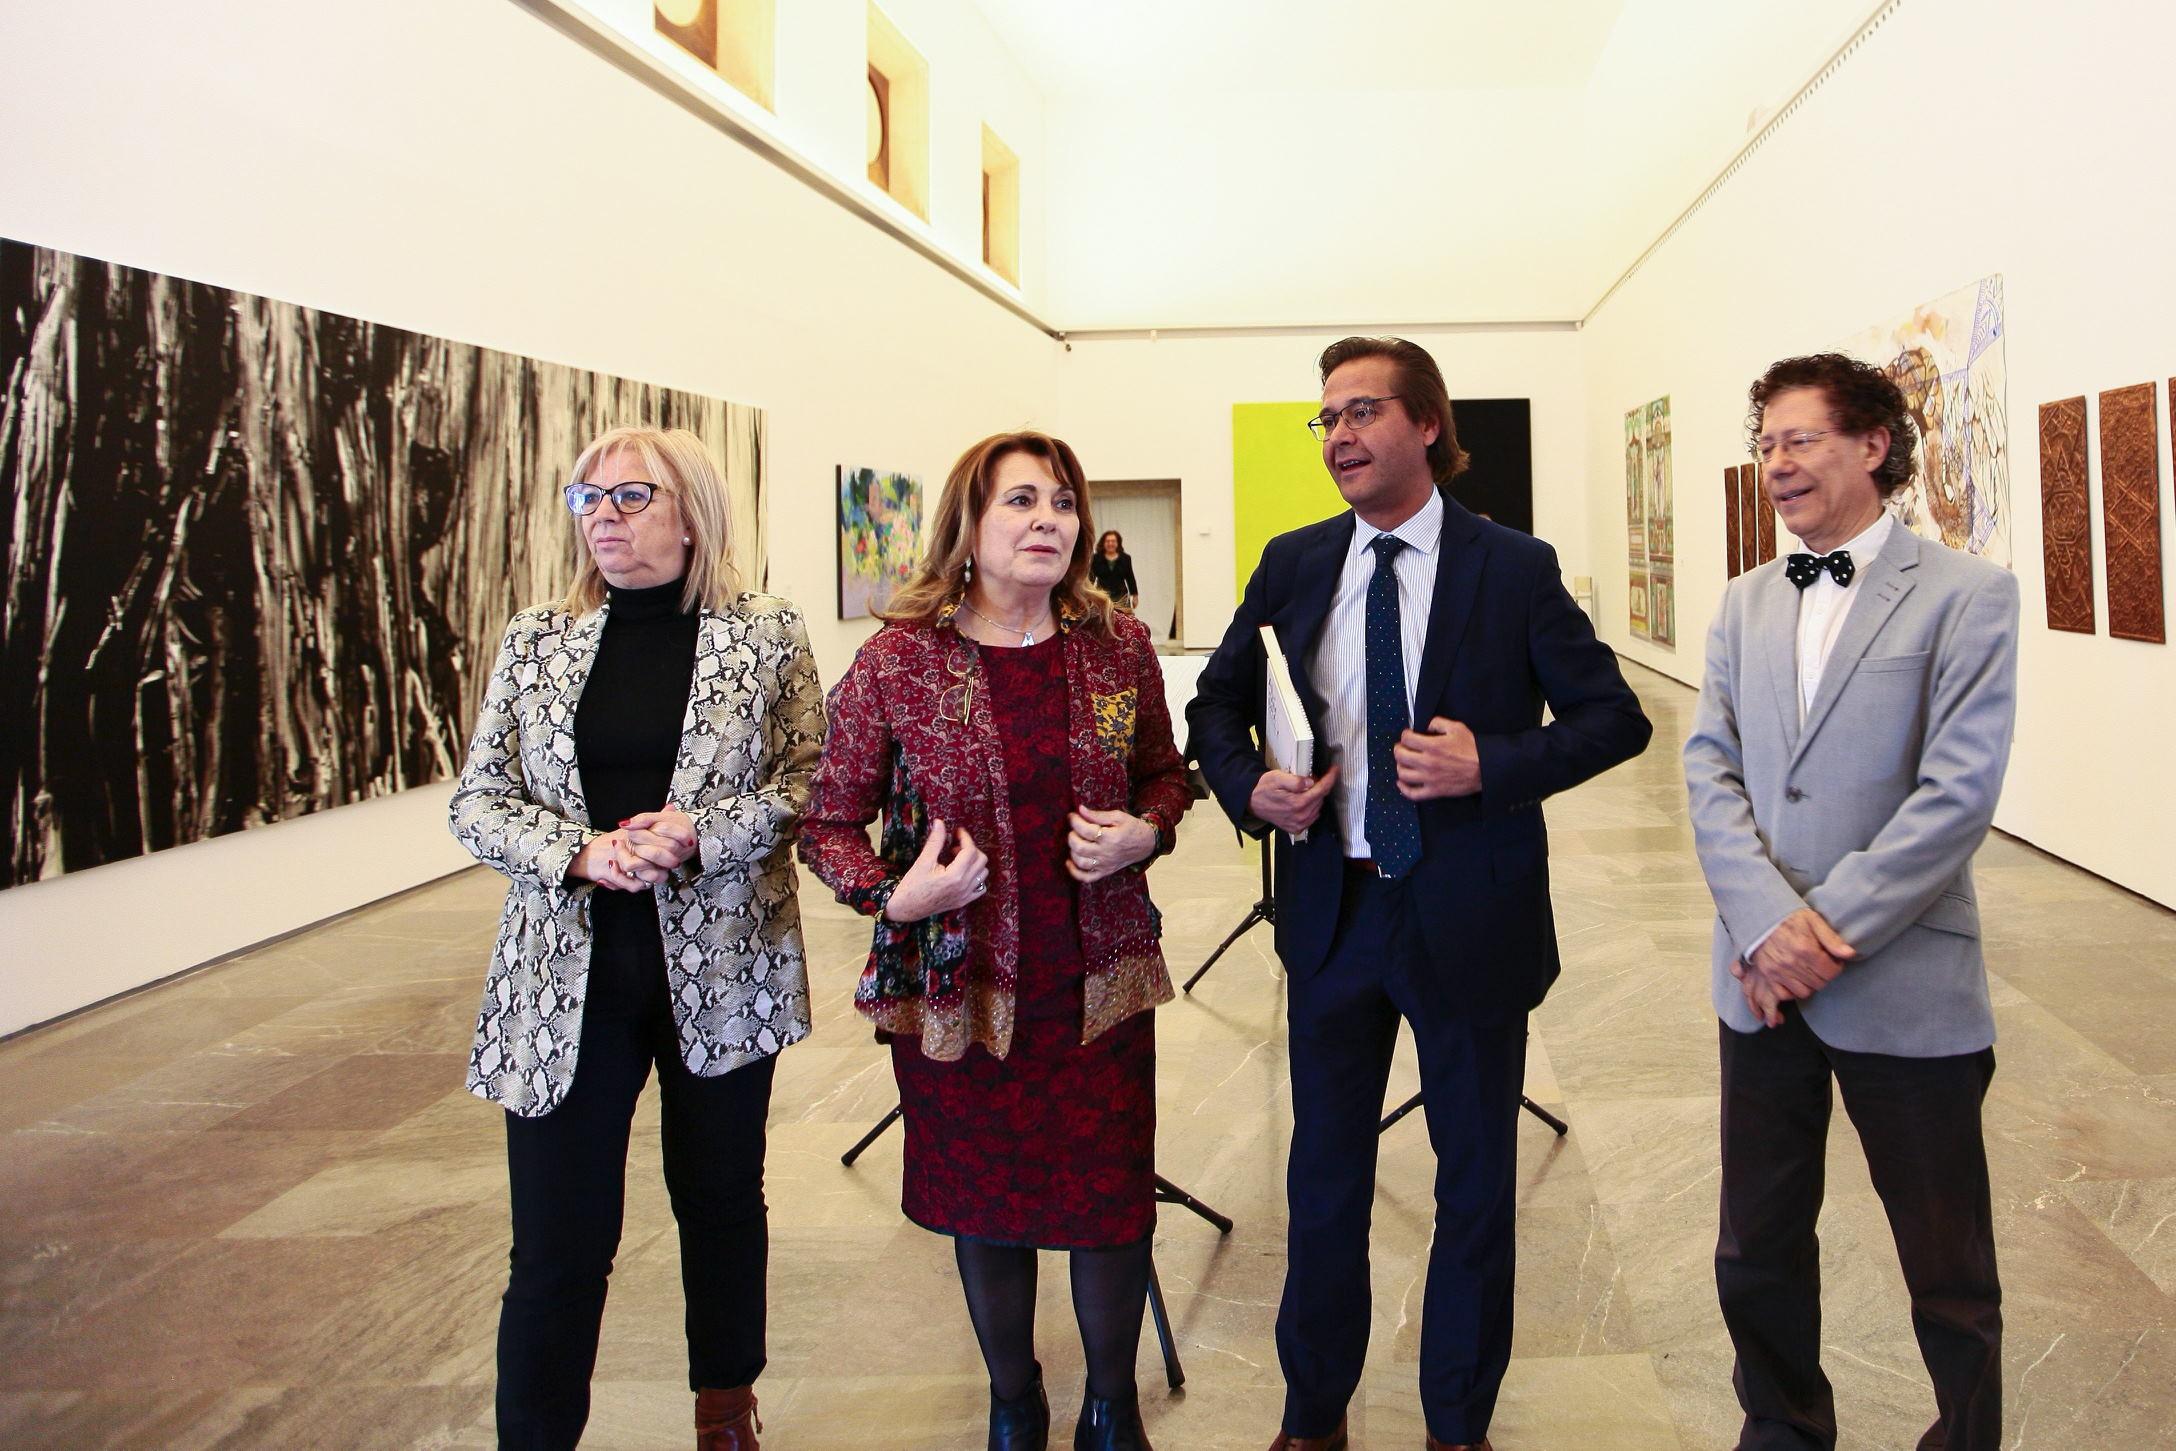 La exposición 'La Alhambra interpretada: sonidos, imágenes y palabras' se suma a la oferta cultural del monumento nazarí